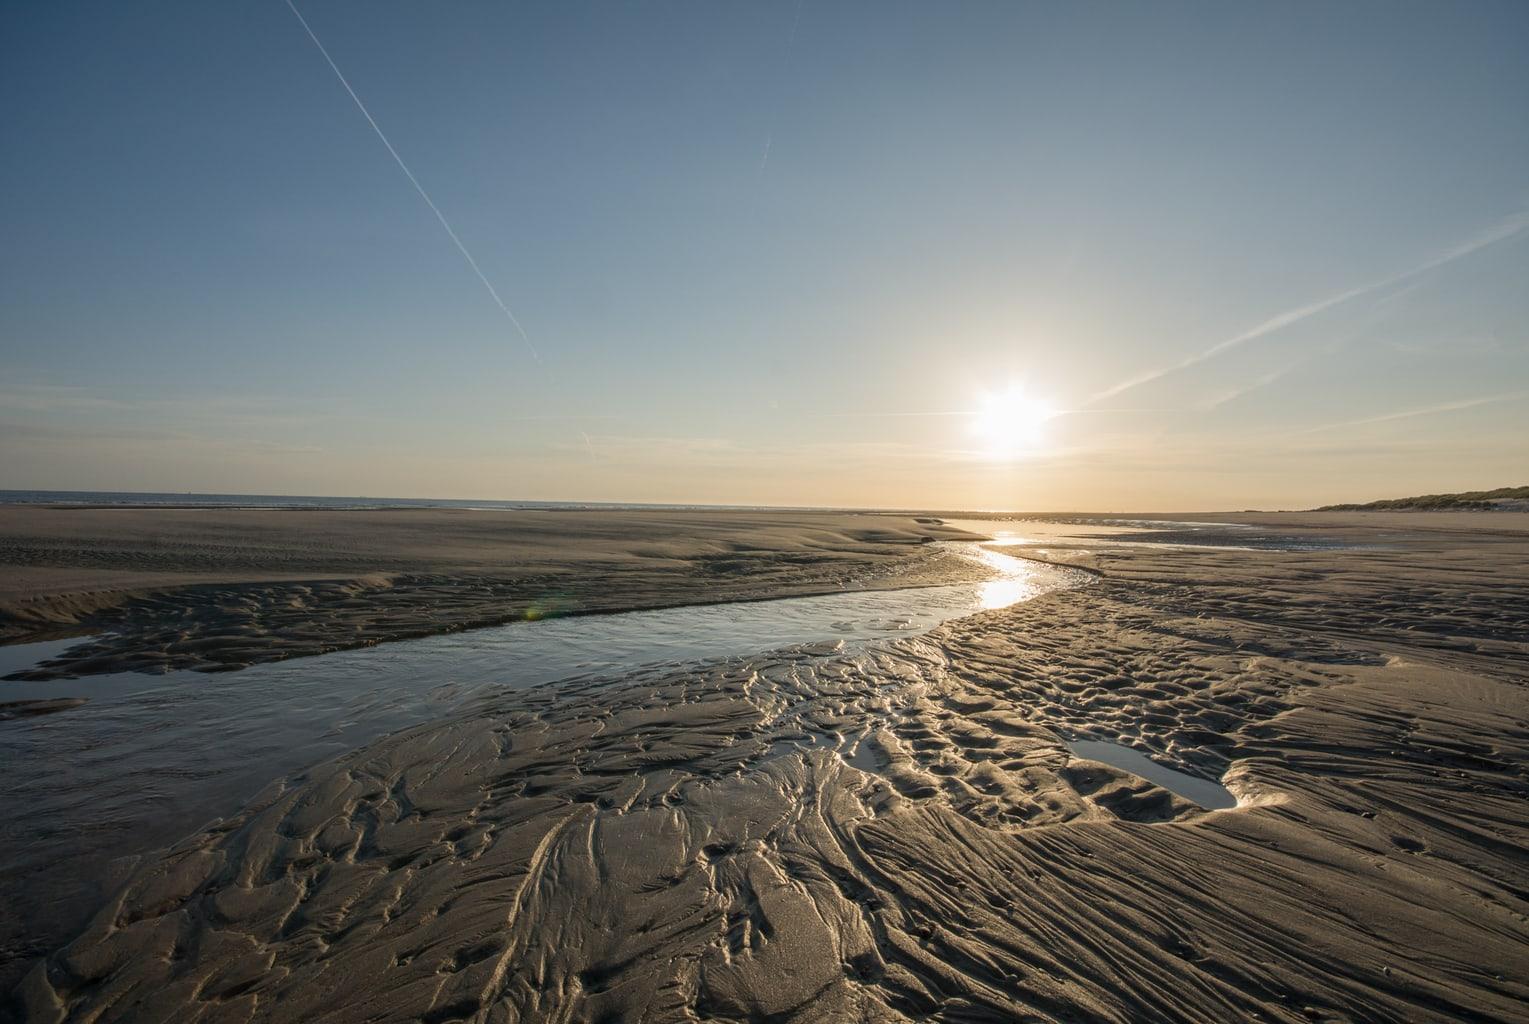 Prielen in de waddenzee vlak bij het waddeneiland Spiekeroog